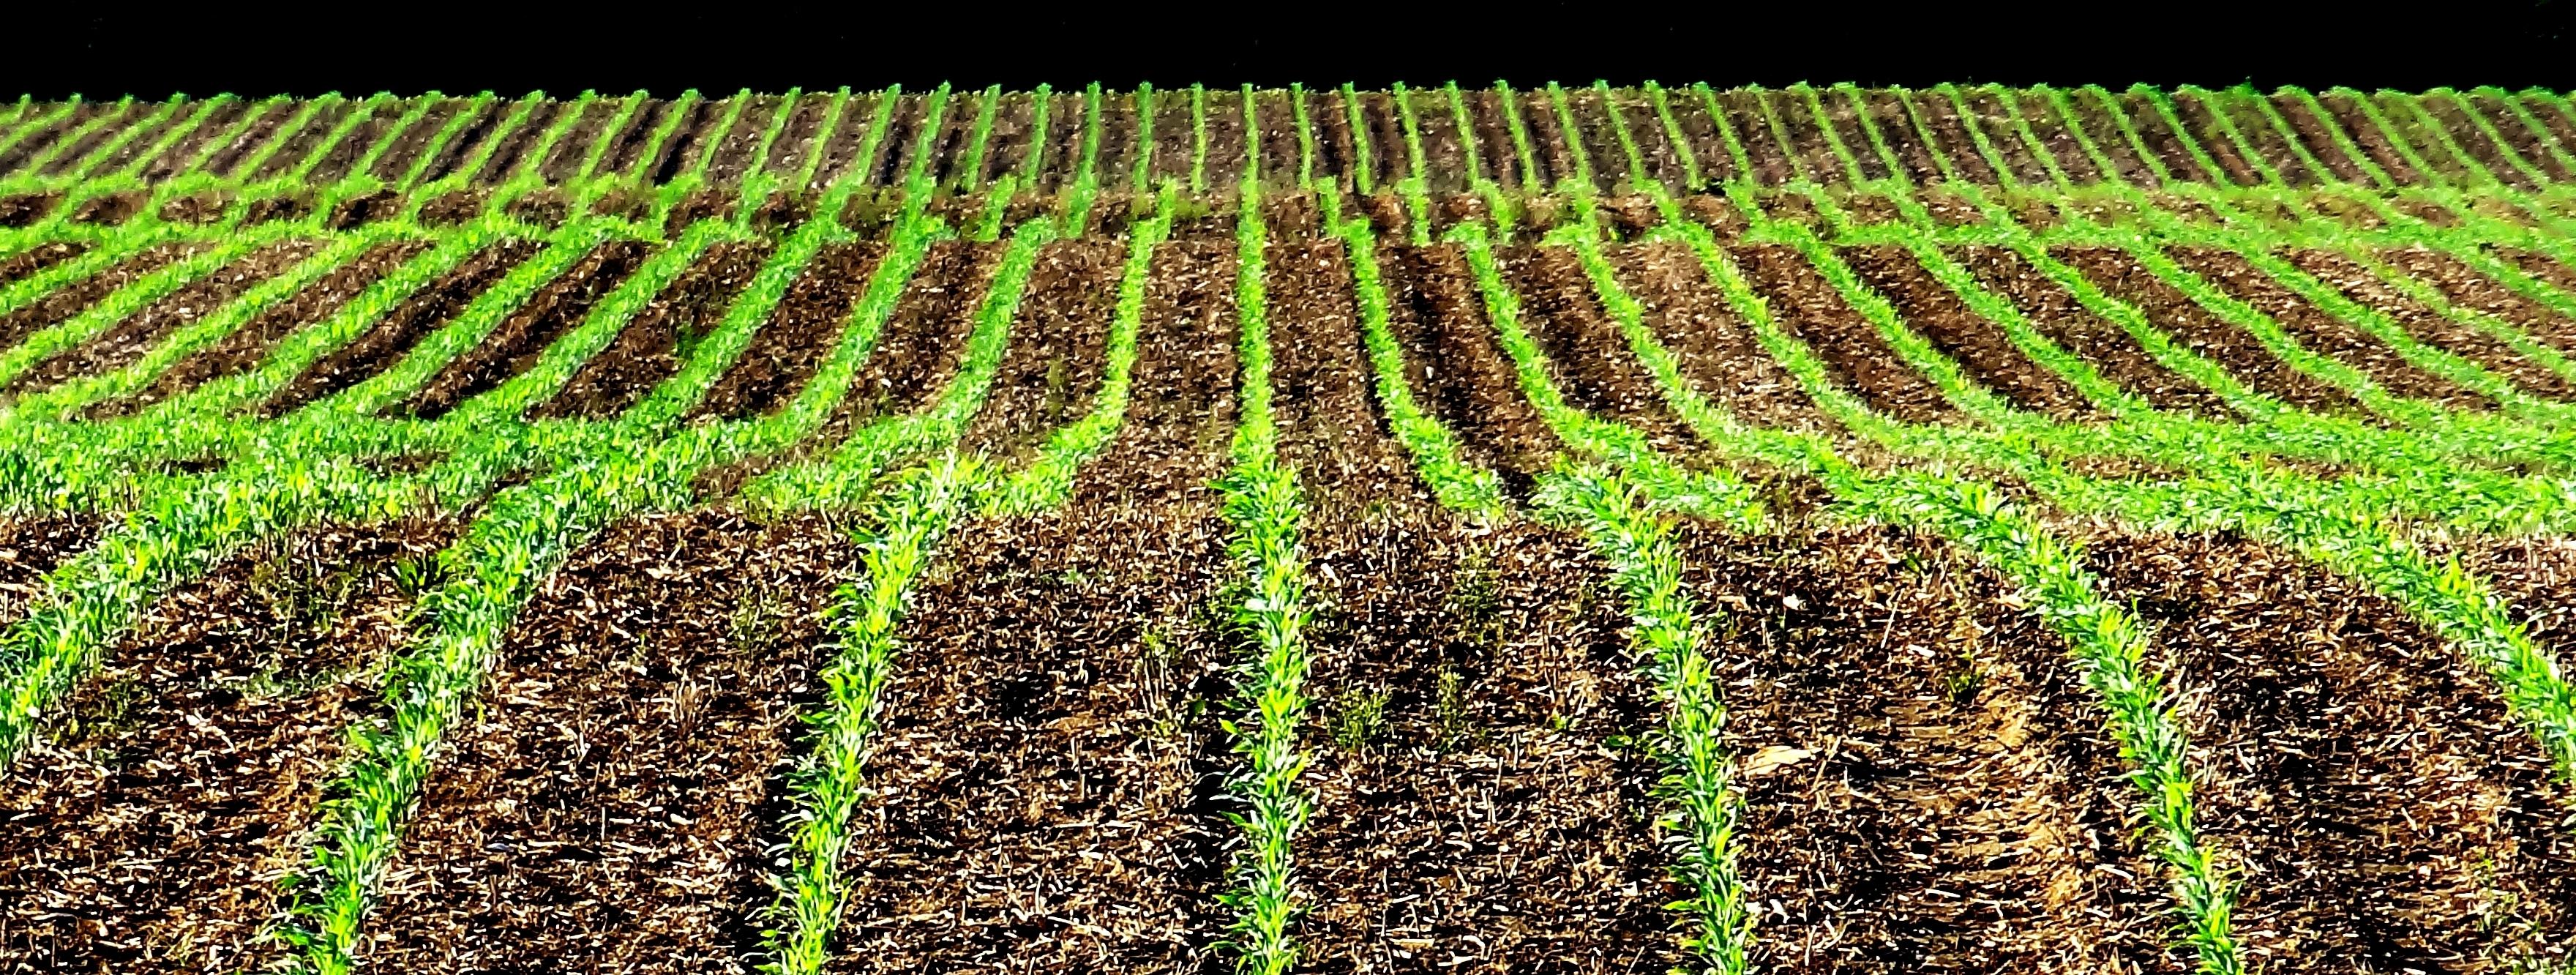 Corn rows   Pairodox